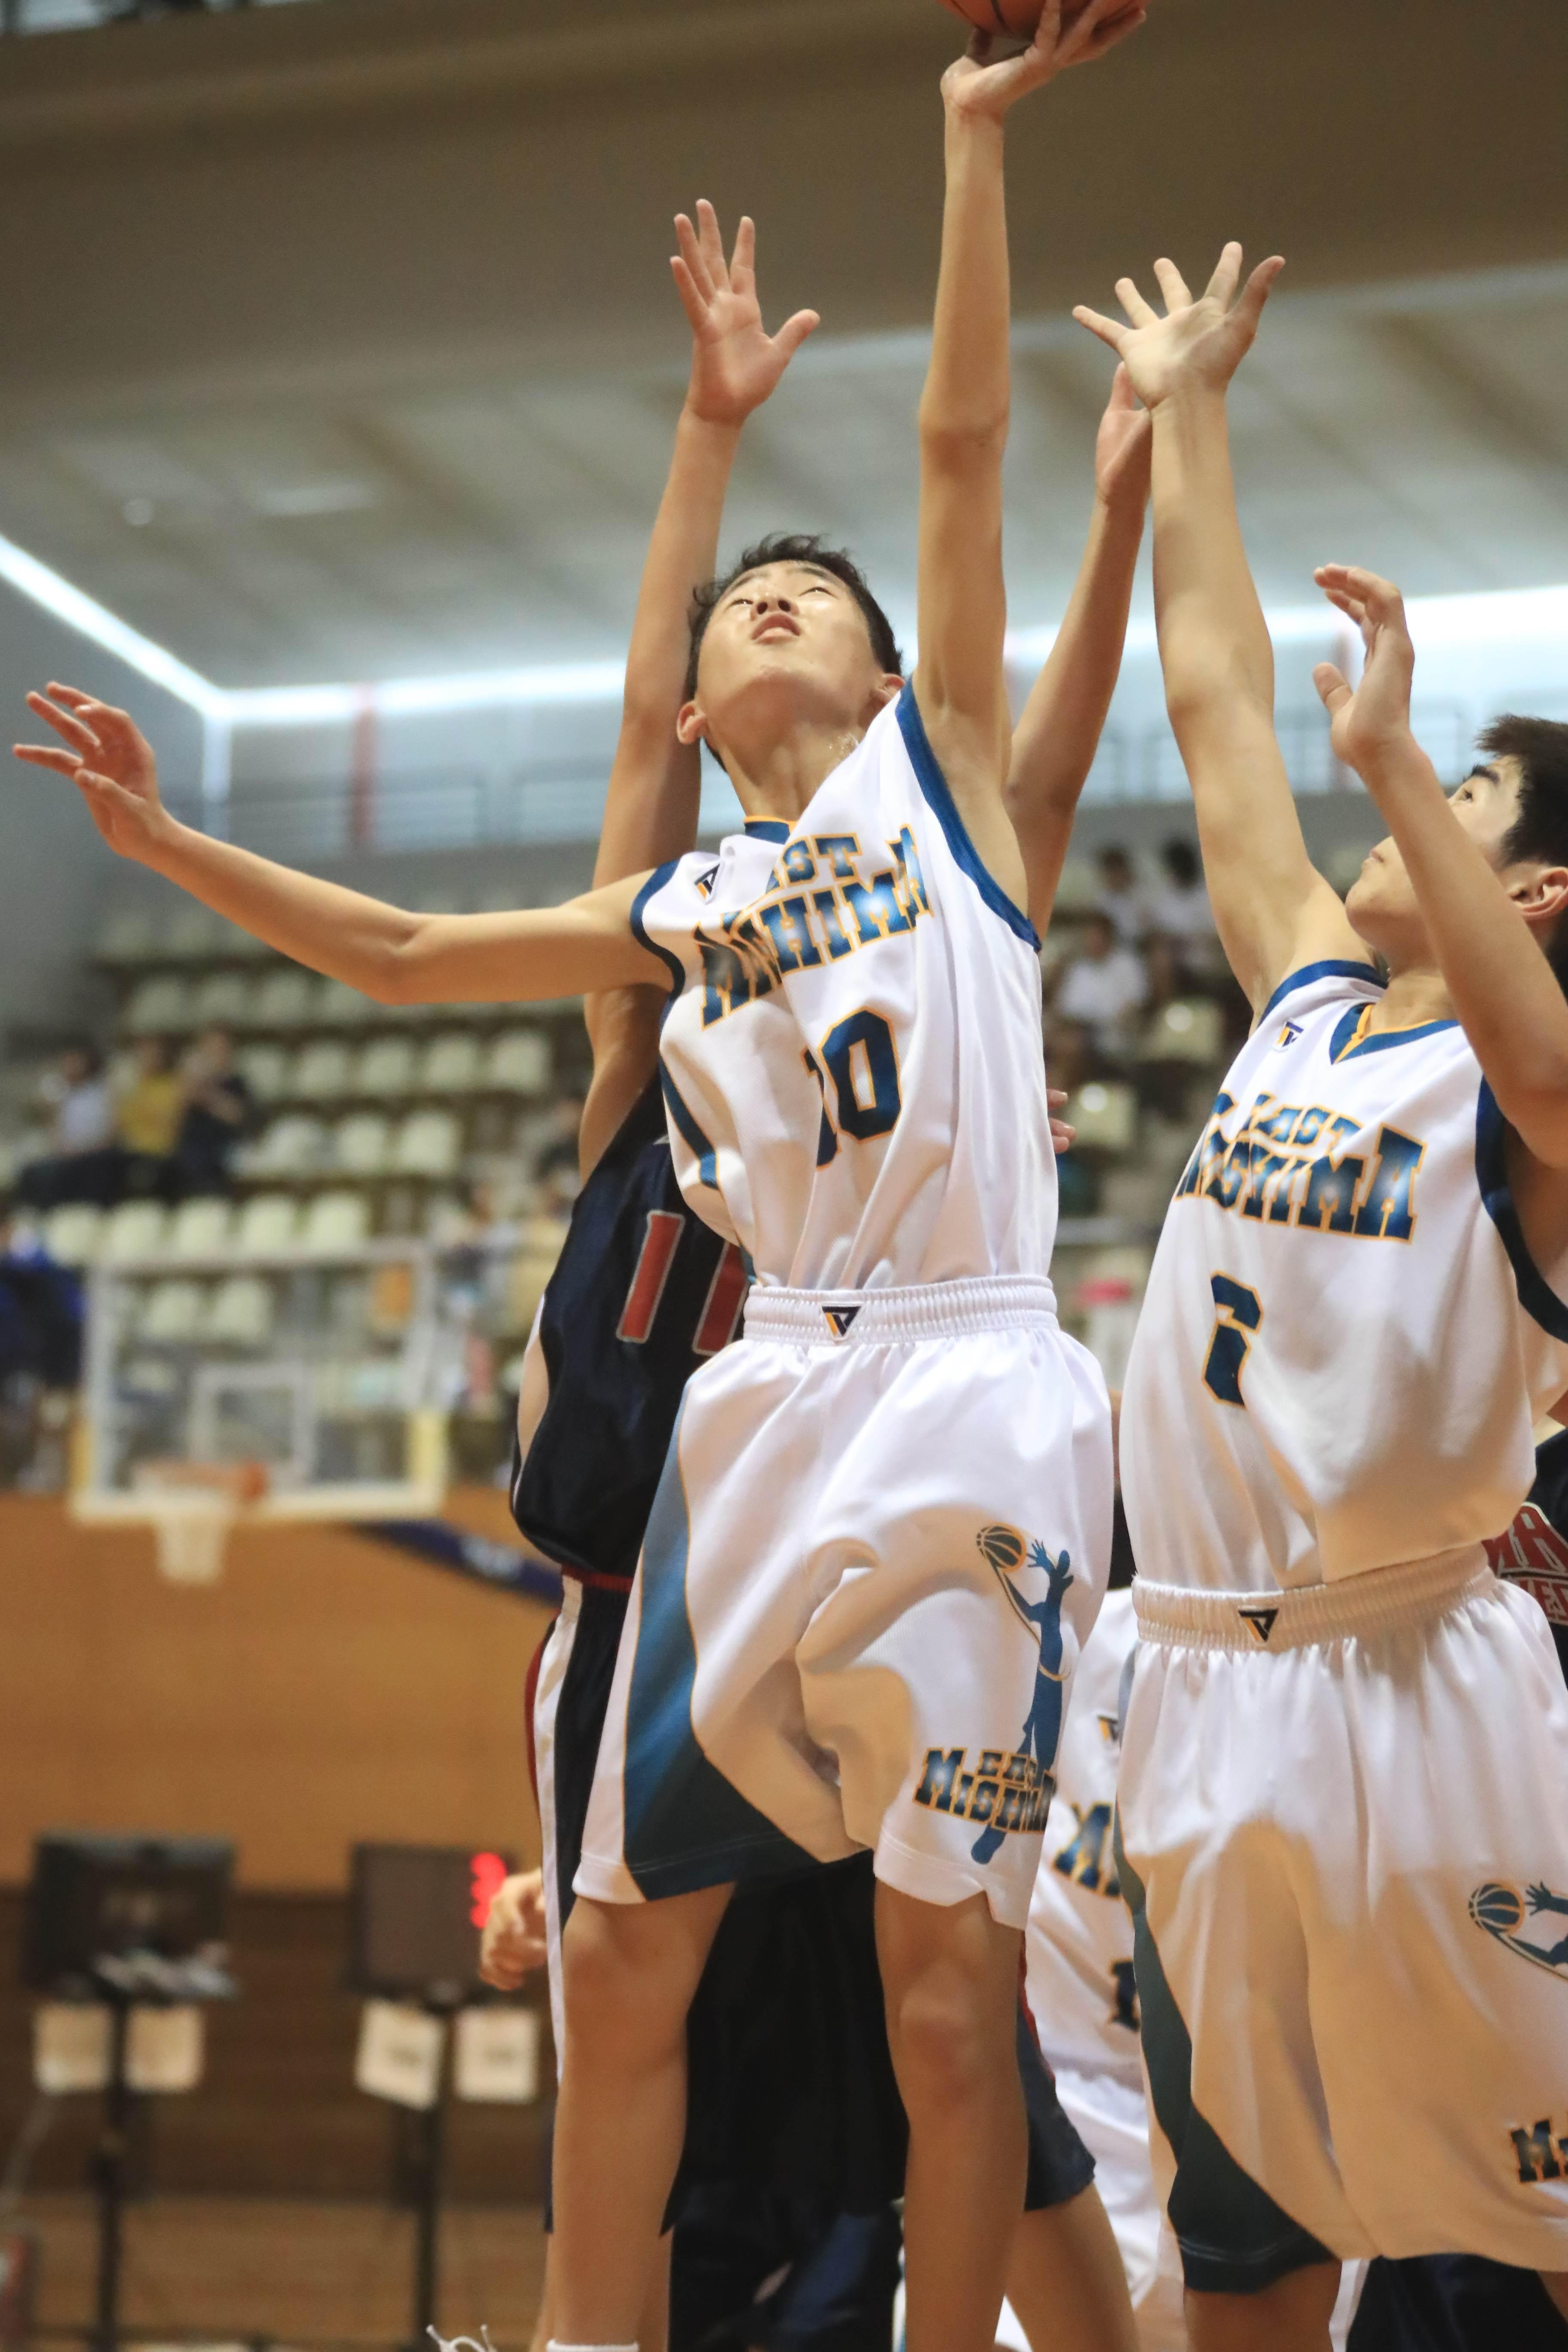 バスケットボール (104)